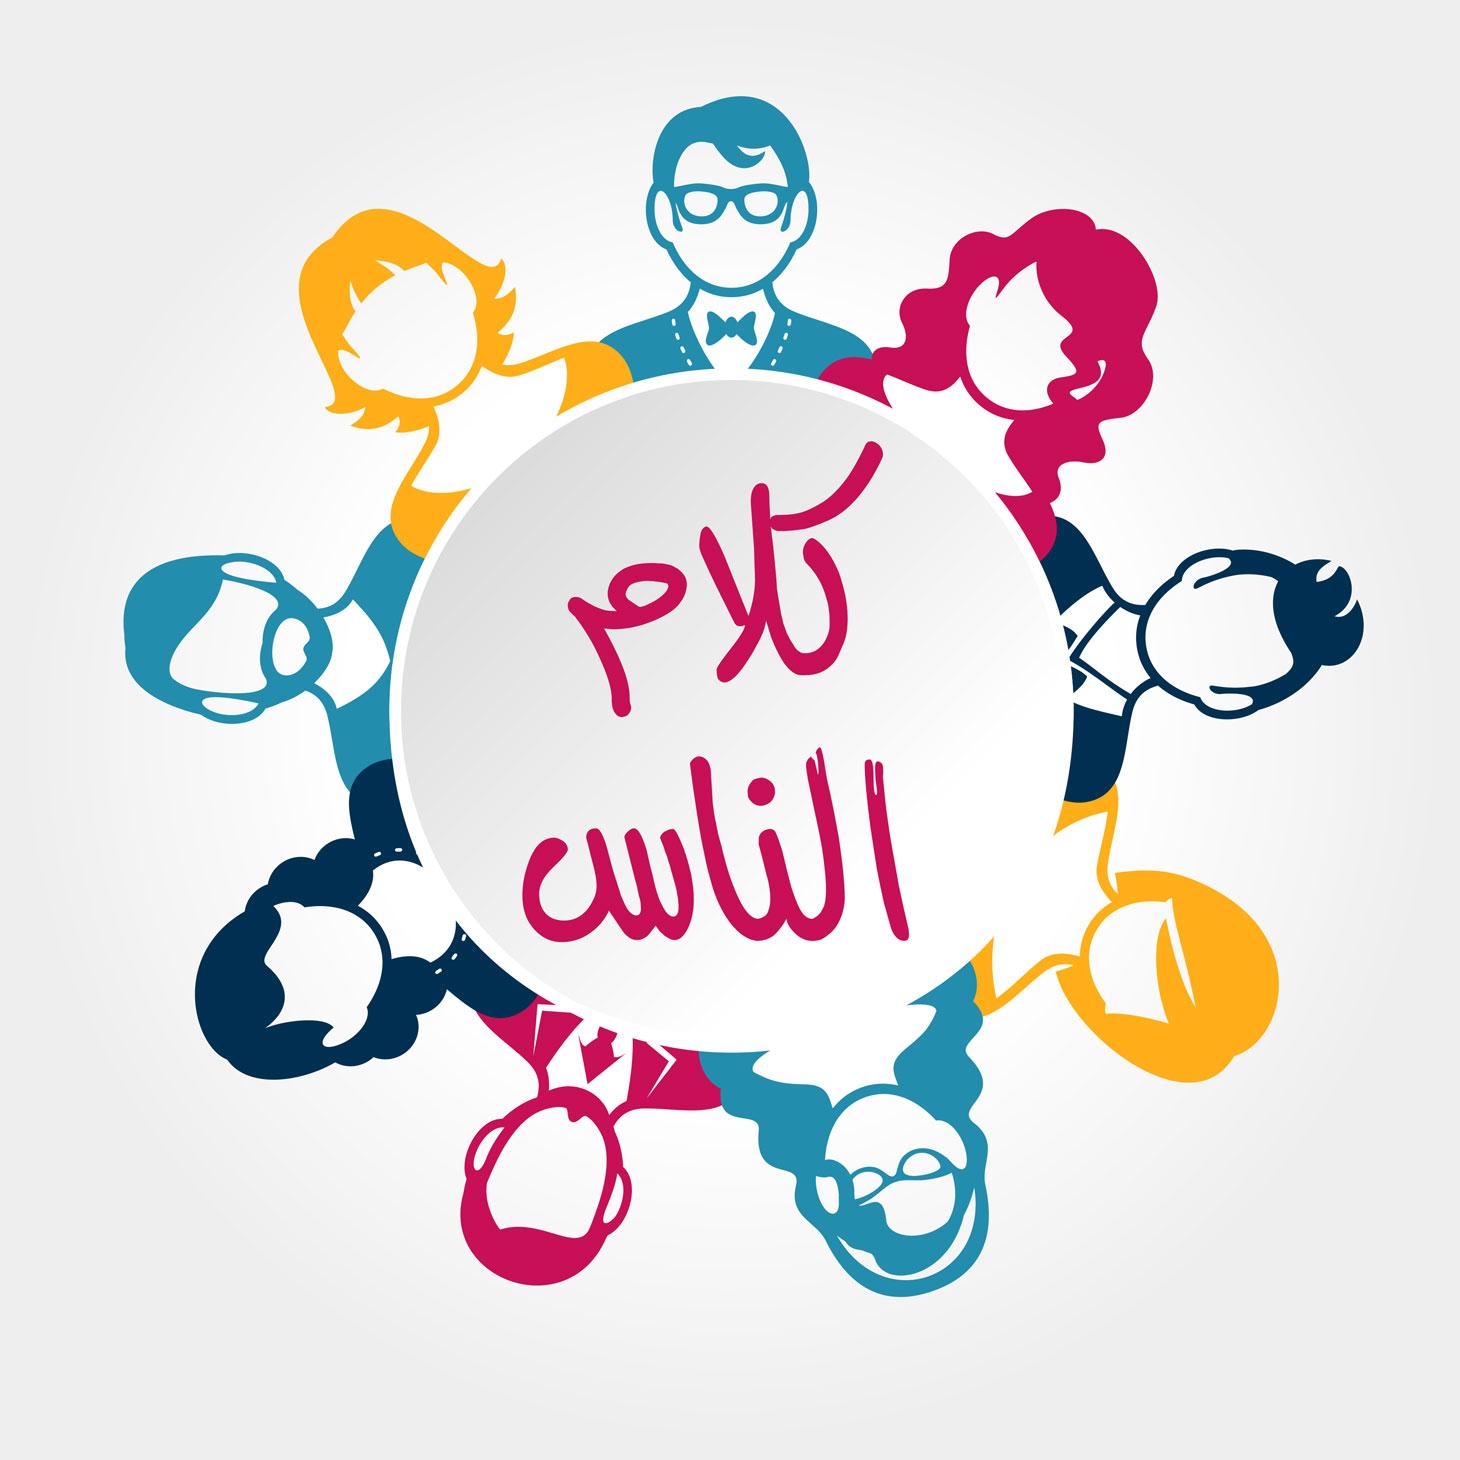 من كلام الناس الفضول كيف تتعامل معه البحرين صحيفة الوسط البحرينية مملكة البحرين